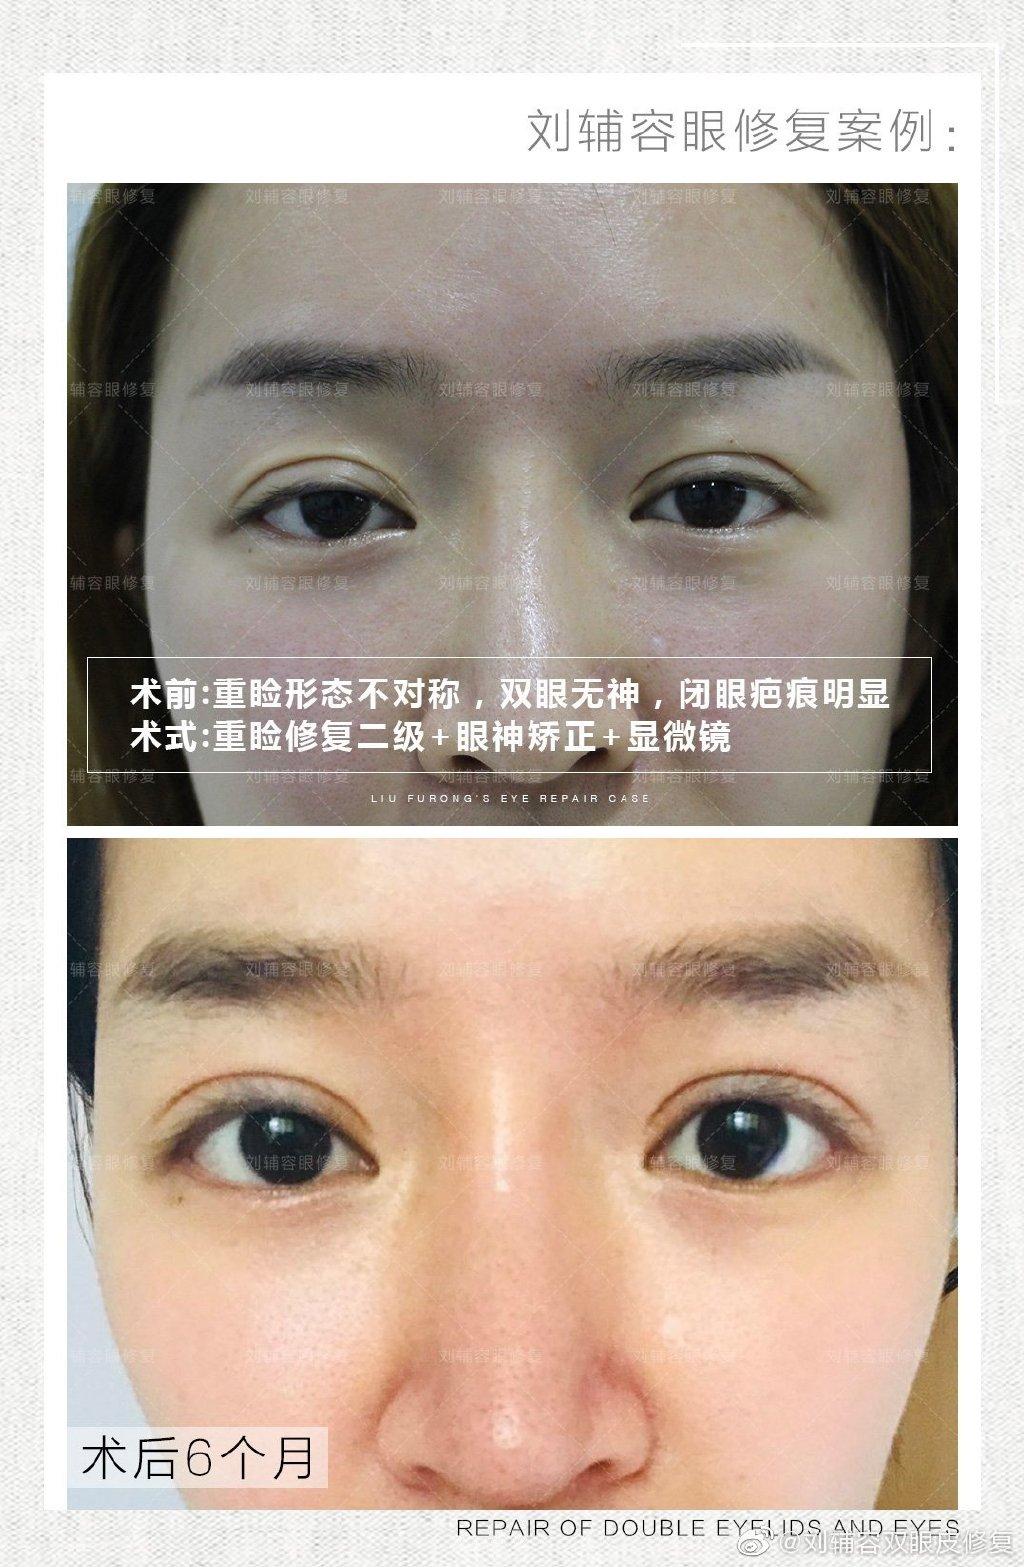 刘辅容双眼皮修复案例